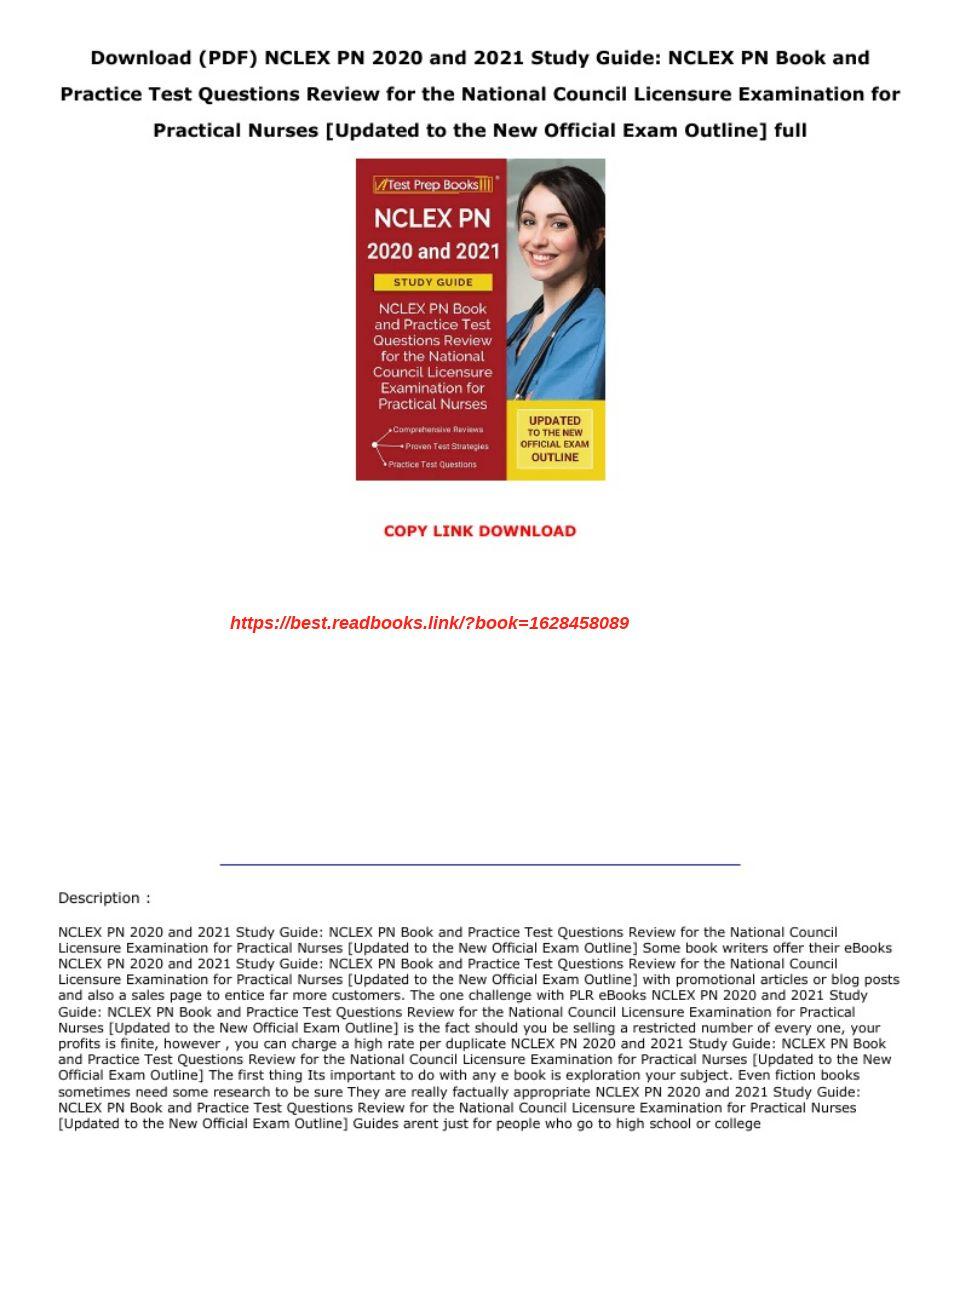 Nclex Pn Study Guide Pdf 2020